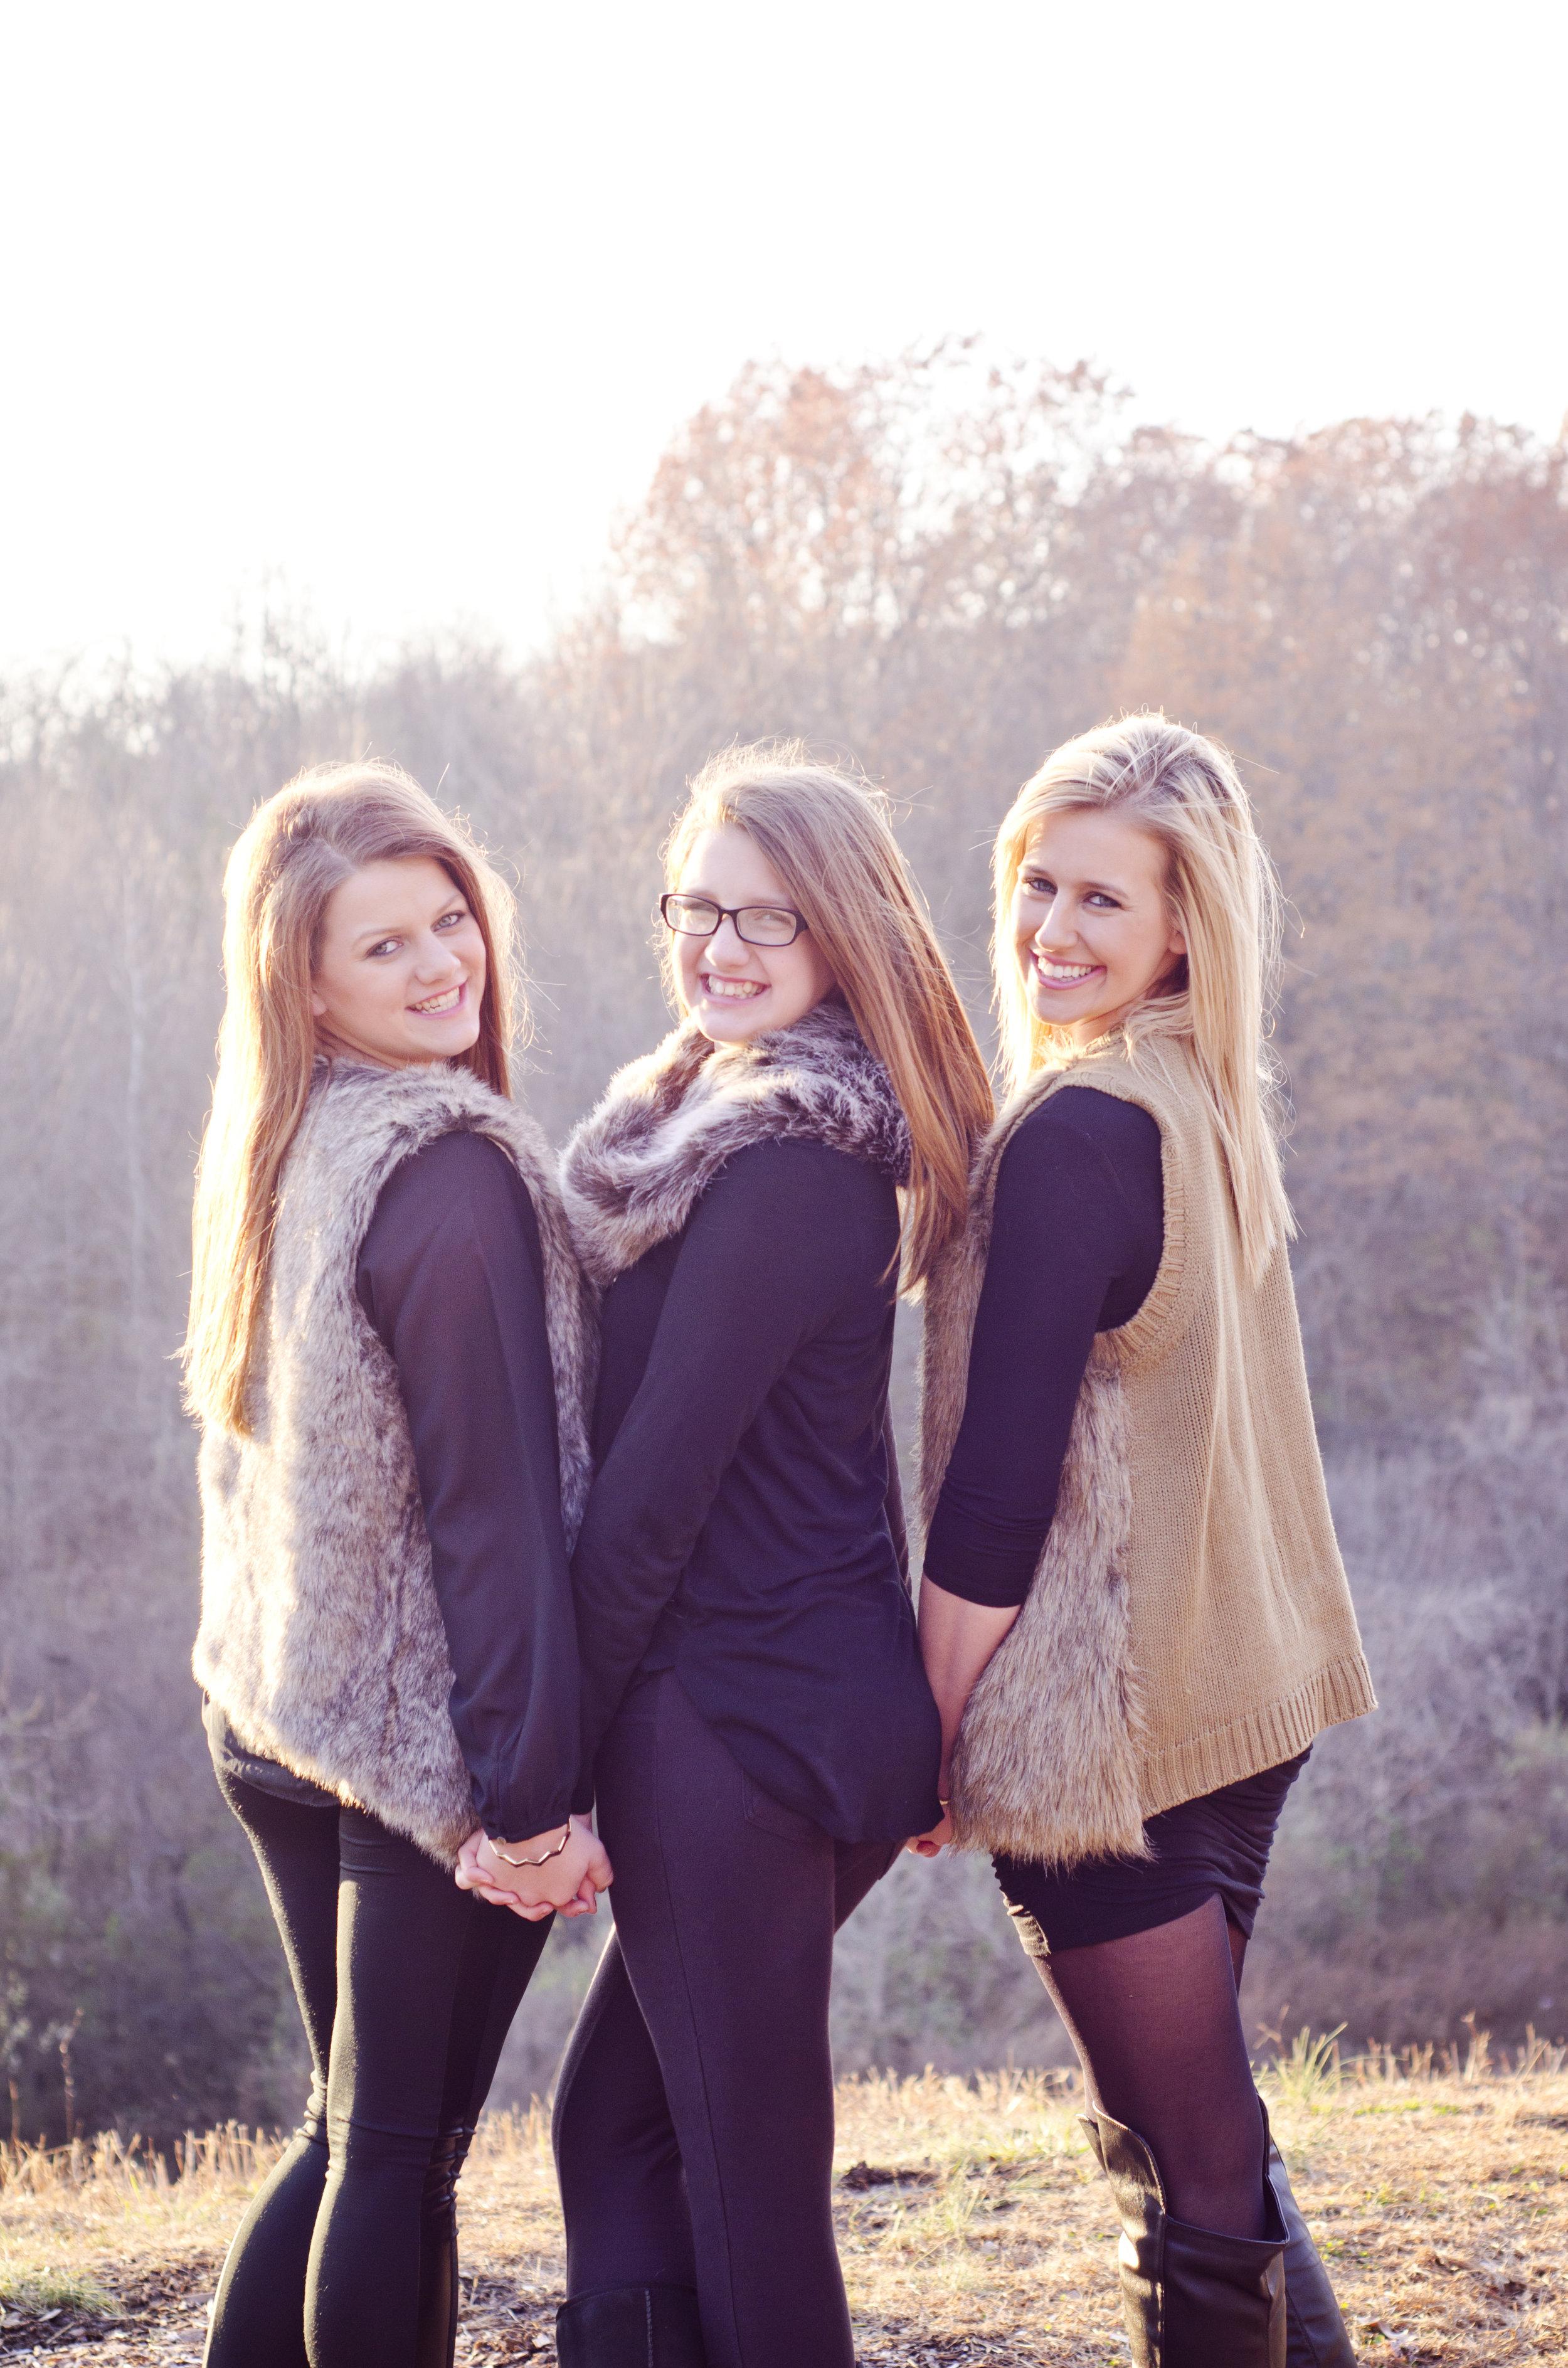 Hall_Sisters_Missy_Robbs.jpg